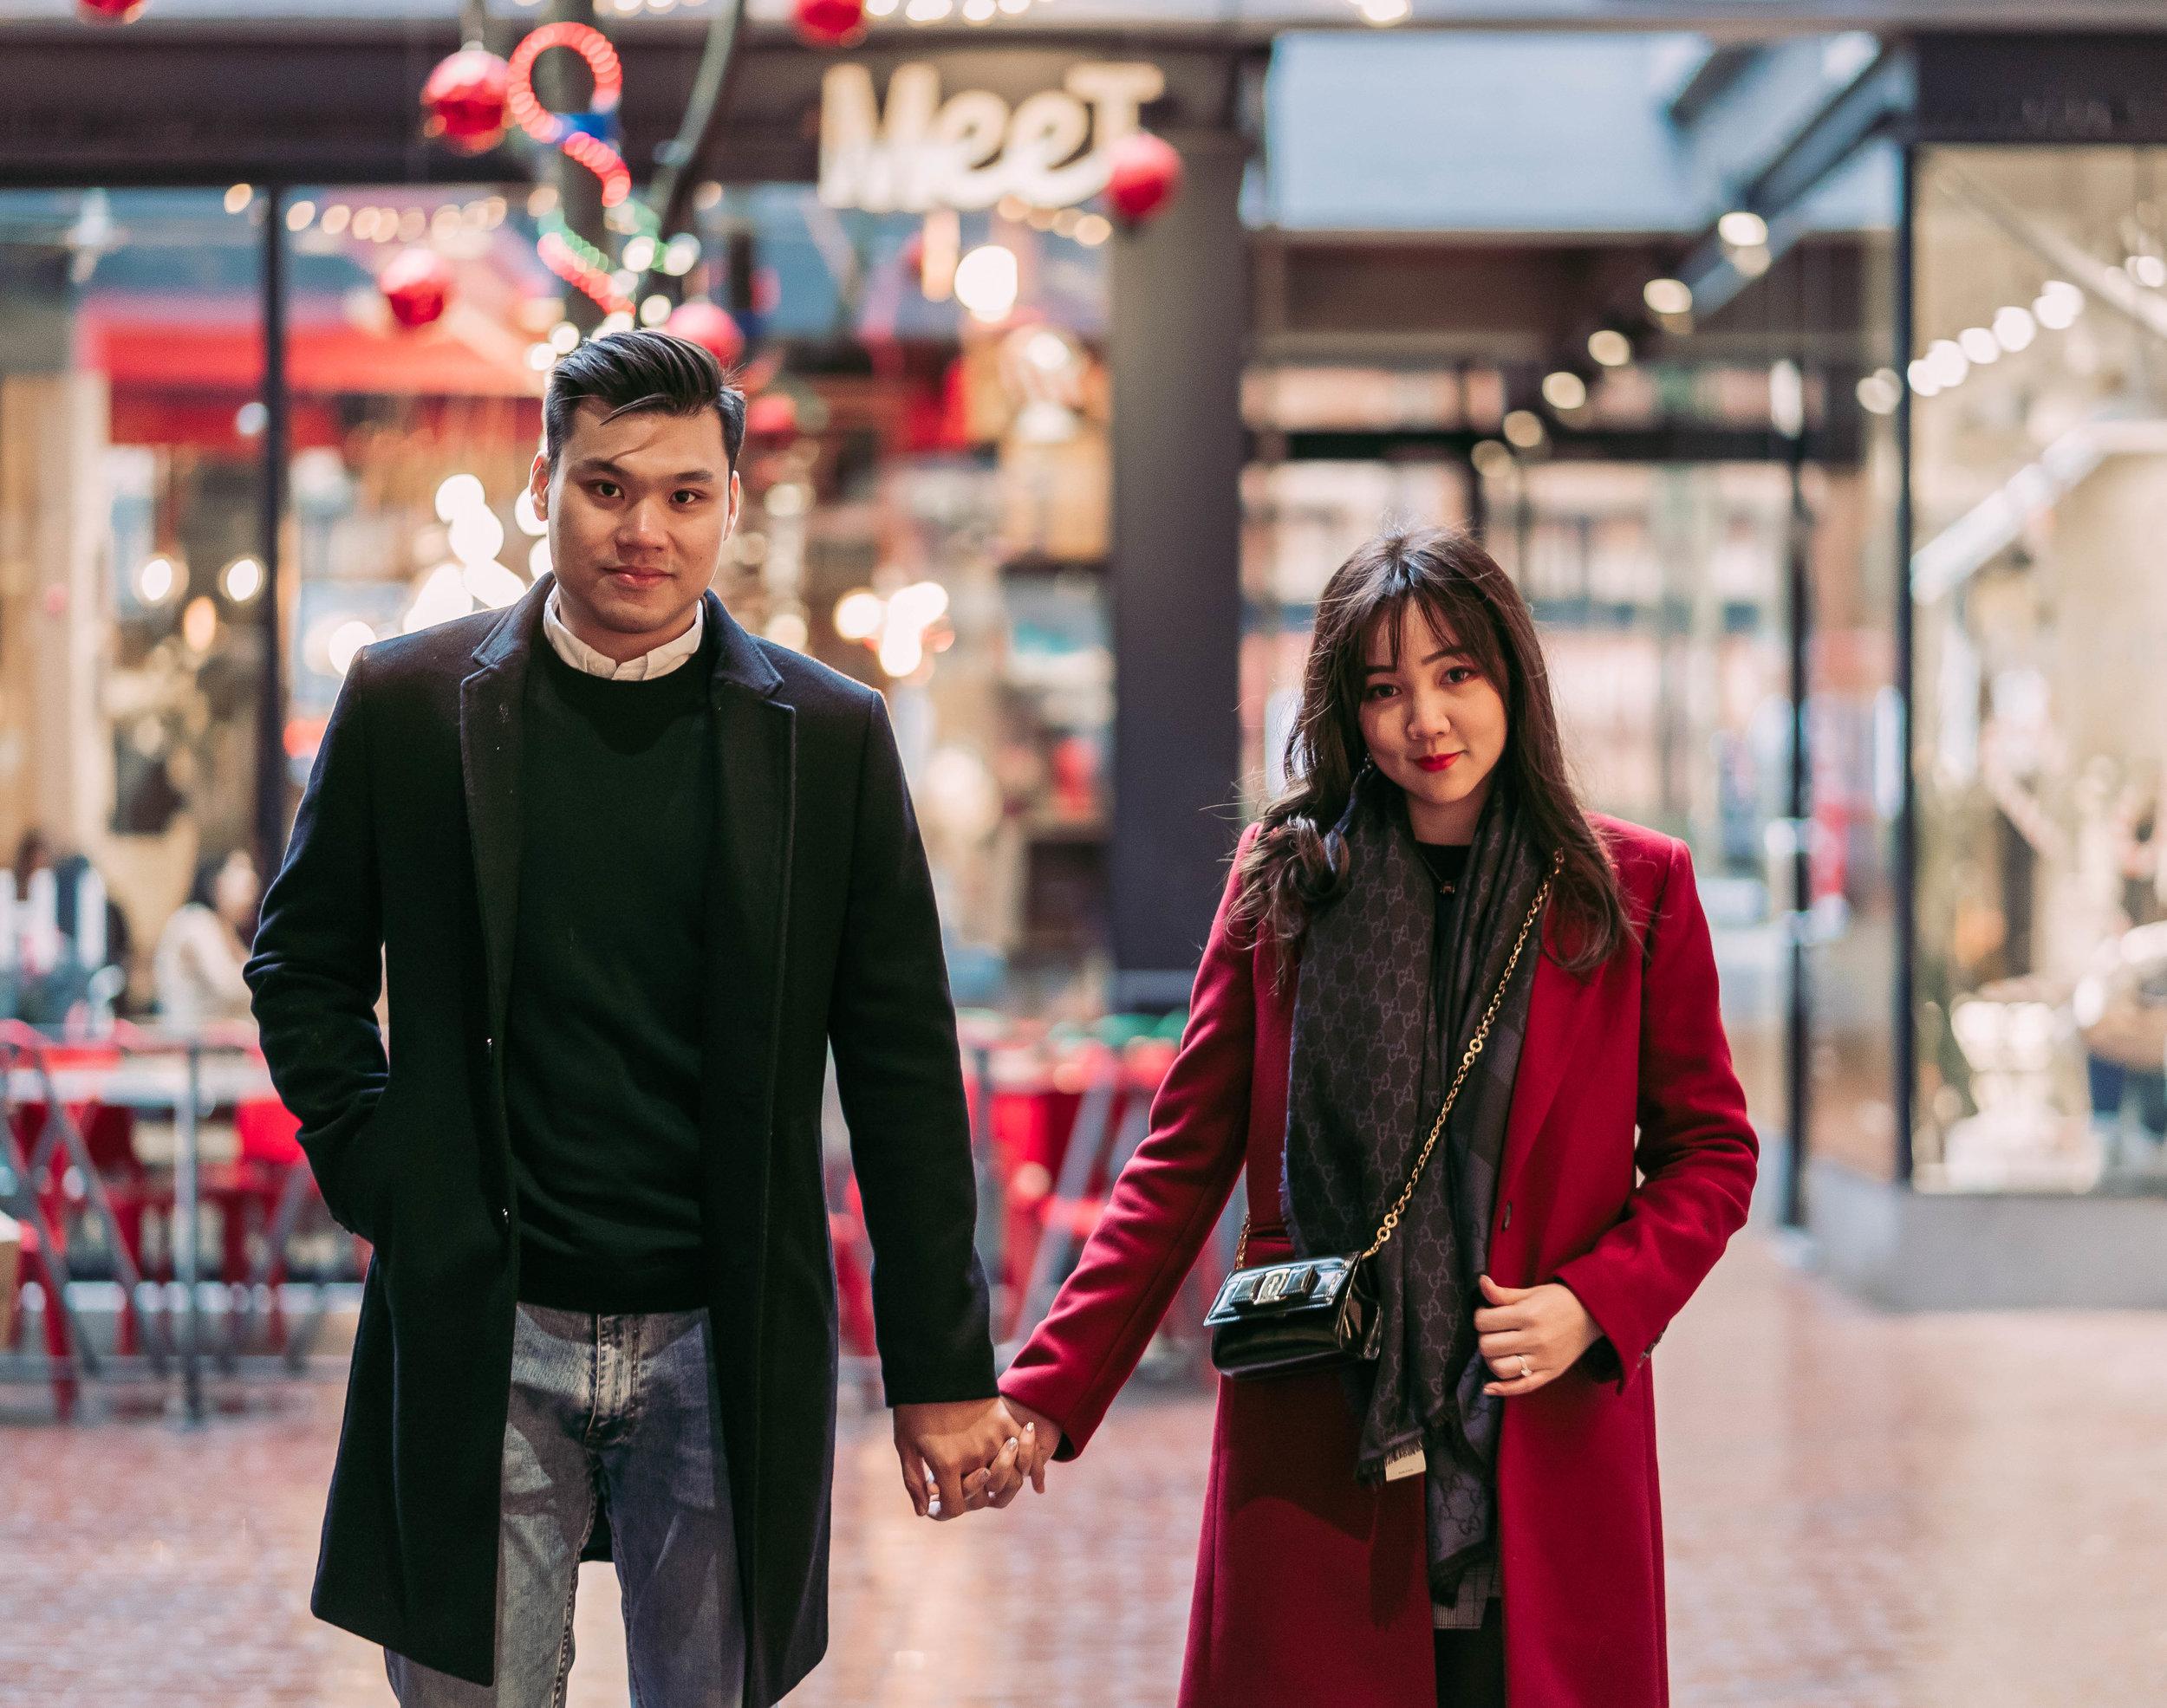 Andy&Carmen -20181223-001-2.jpg